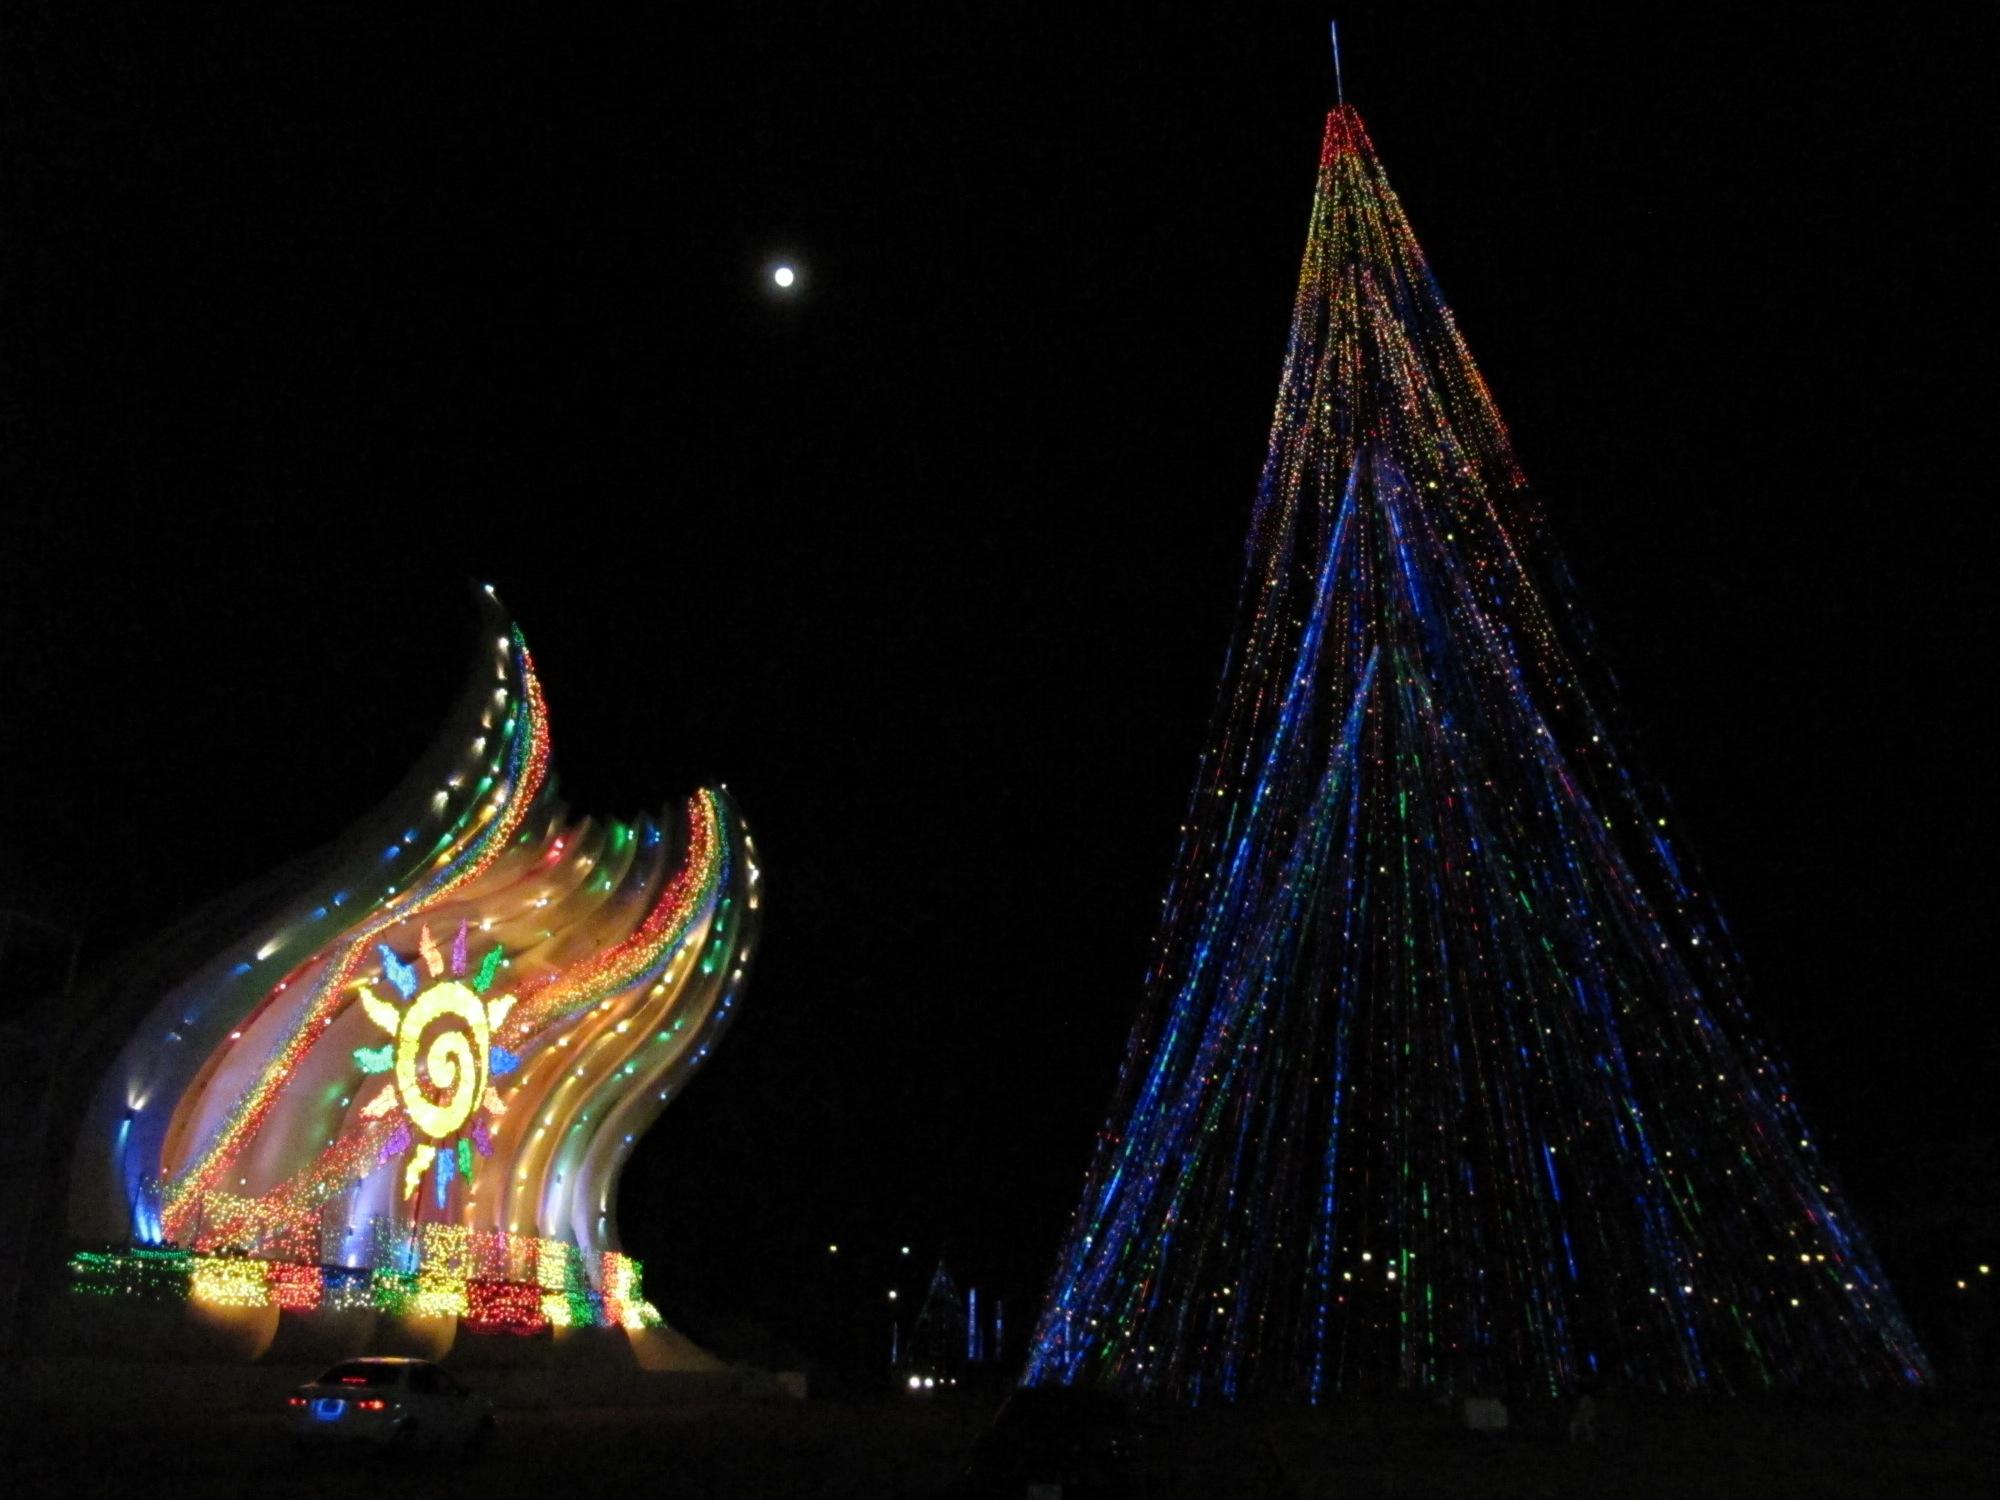 La luna, la «concha acústica» que hicieron para la visita del Papa, y un árbol de Navidad sin árbol, gigante.